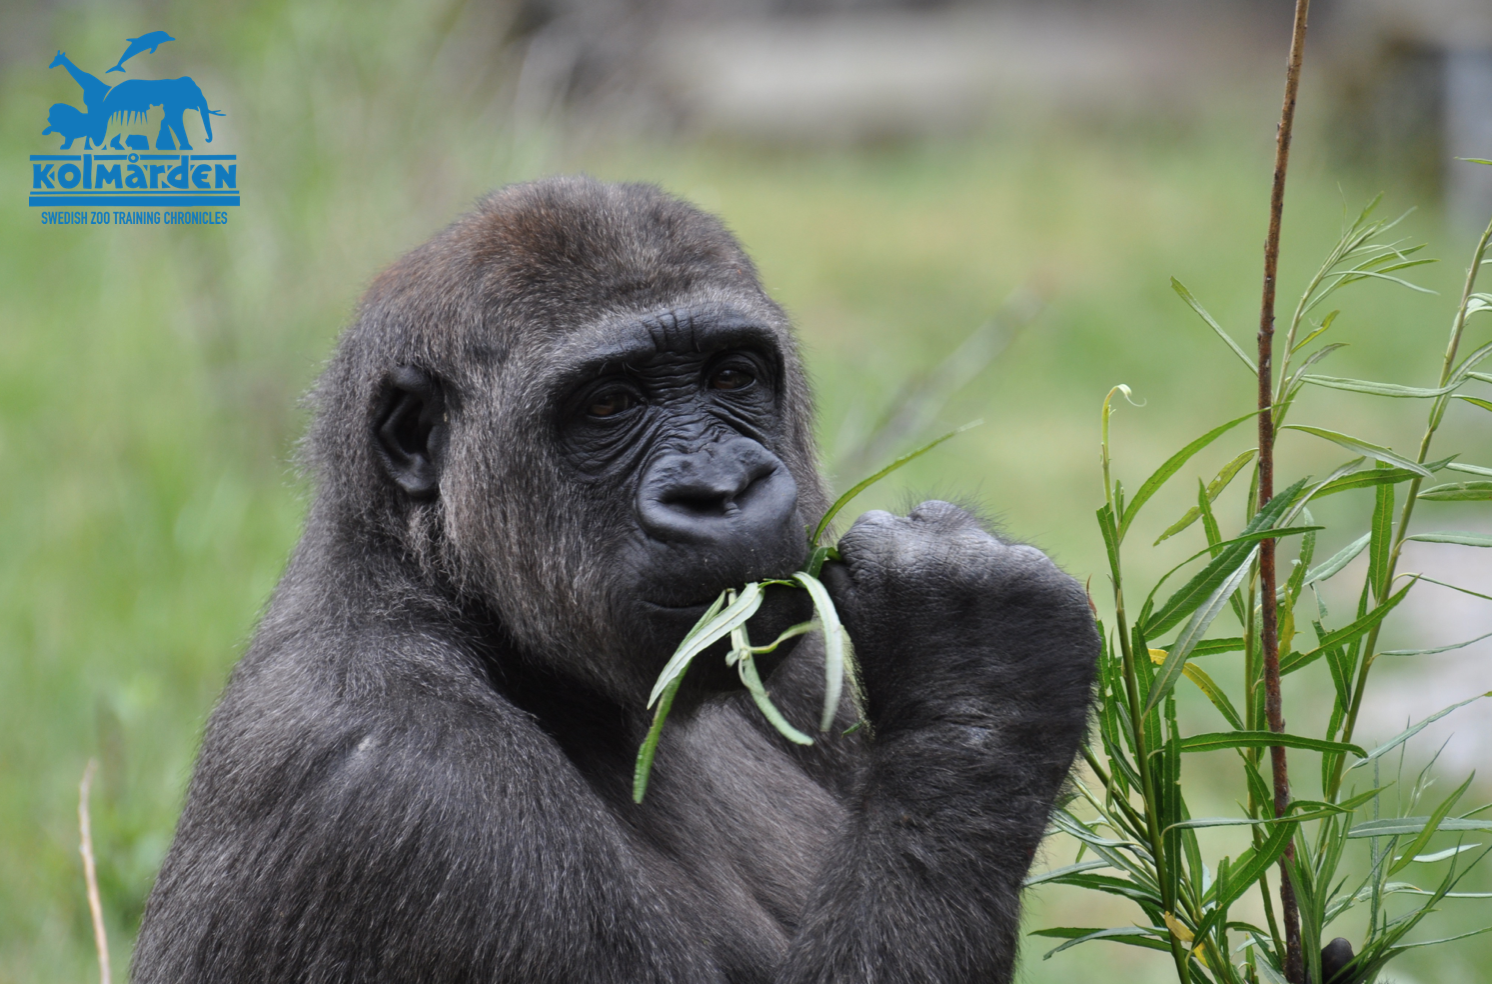 Gorilla eating